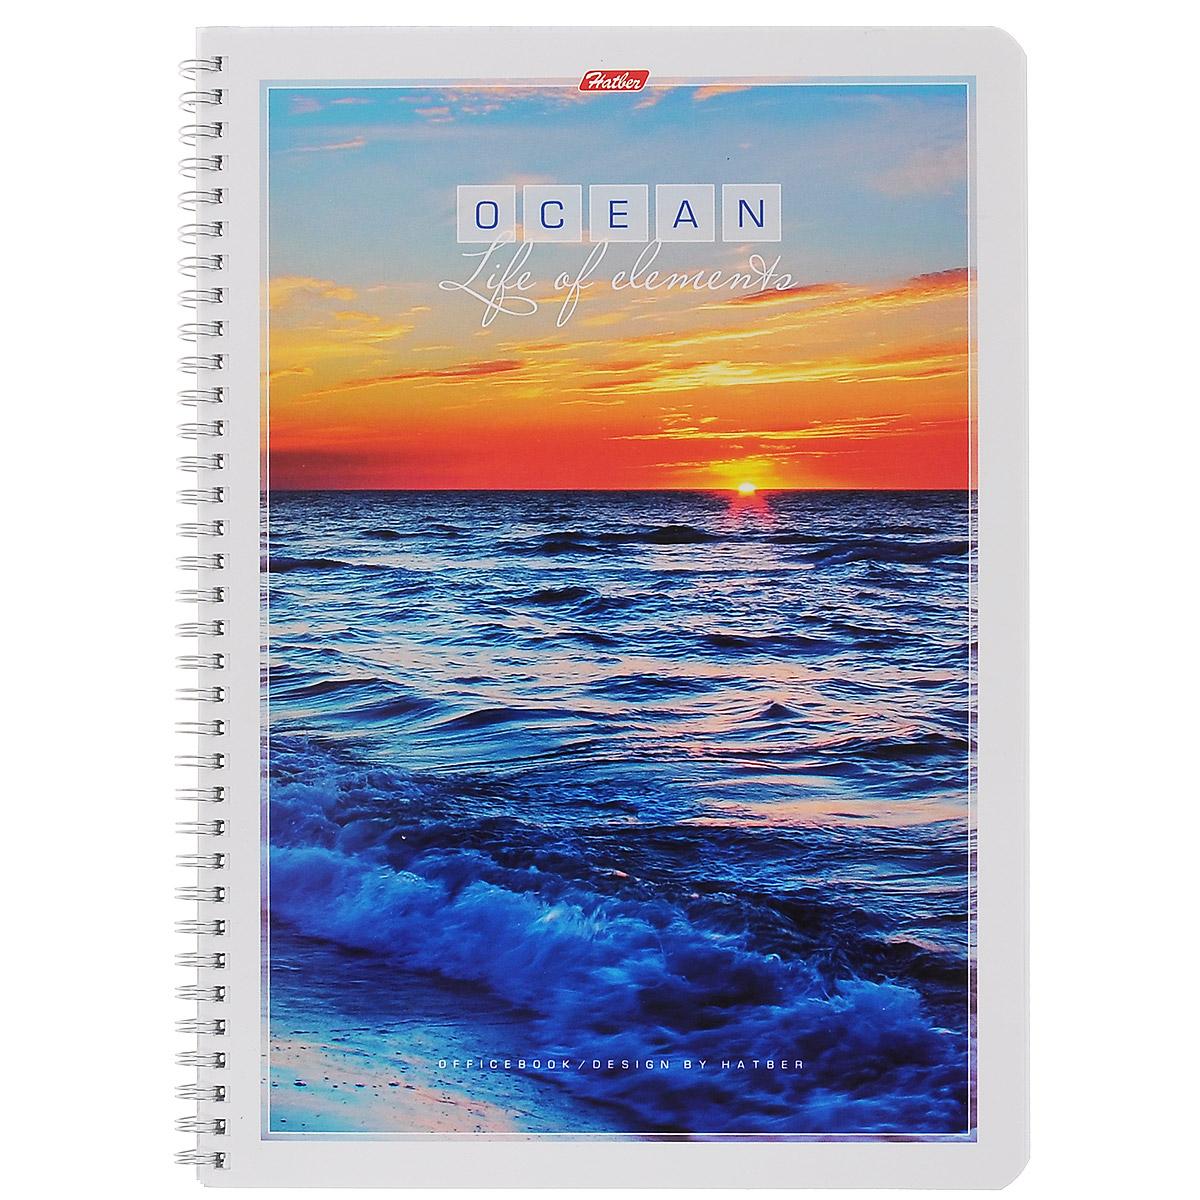 Тетрадь в клетку Hatber Океан, 96 листов. Формат А496Т4B1грТетрадь Hatber Океан предназначена для объемных записей и незаменима для старшеклассников и студентов.Обложка тетради с закругленными углами выполнена из мелованного картона с красивым изображением заката солнца и океана. Внутренний блок тетради на гребне состоит из 96 листов белой бумаги с линовкой в клетку голубого цвета без полей. Все листы блока являются отрывными и снабжены микроперфорацией, а также стандартными отверстиями для подшивки в папки с кольцевым механизмом.